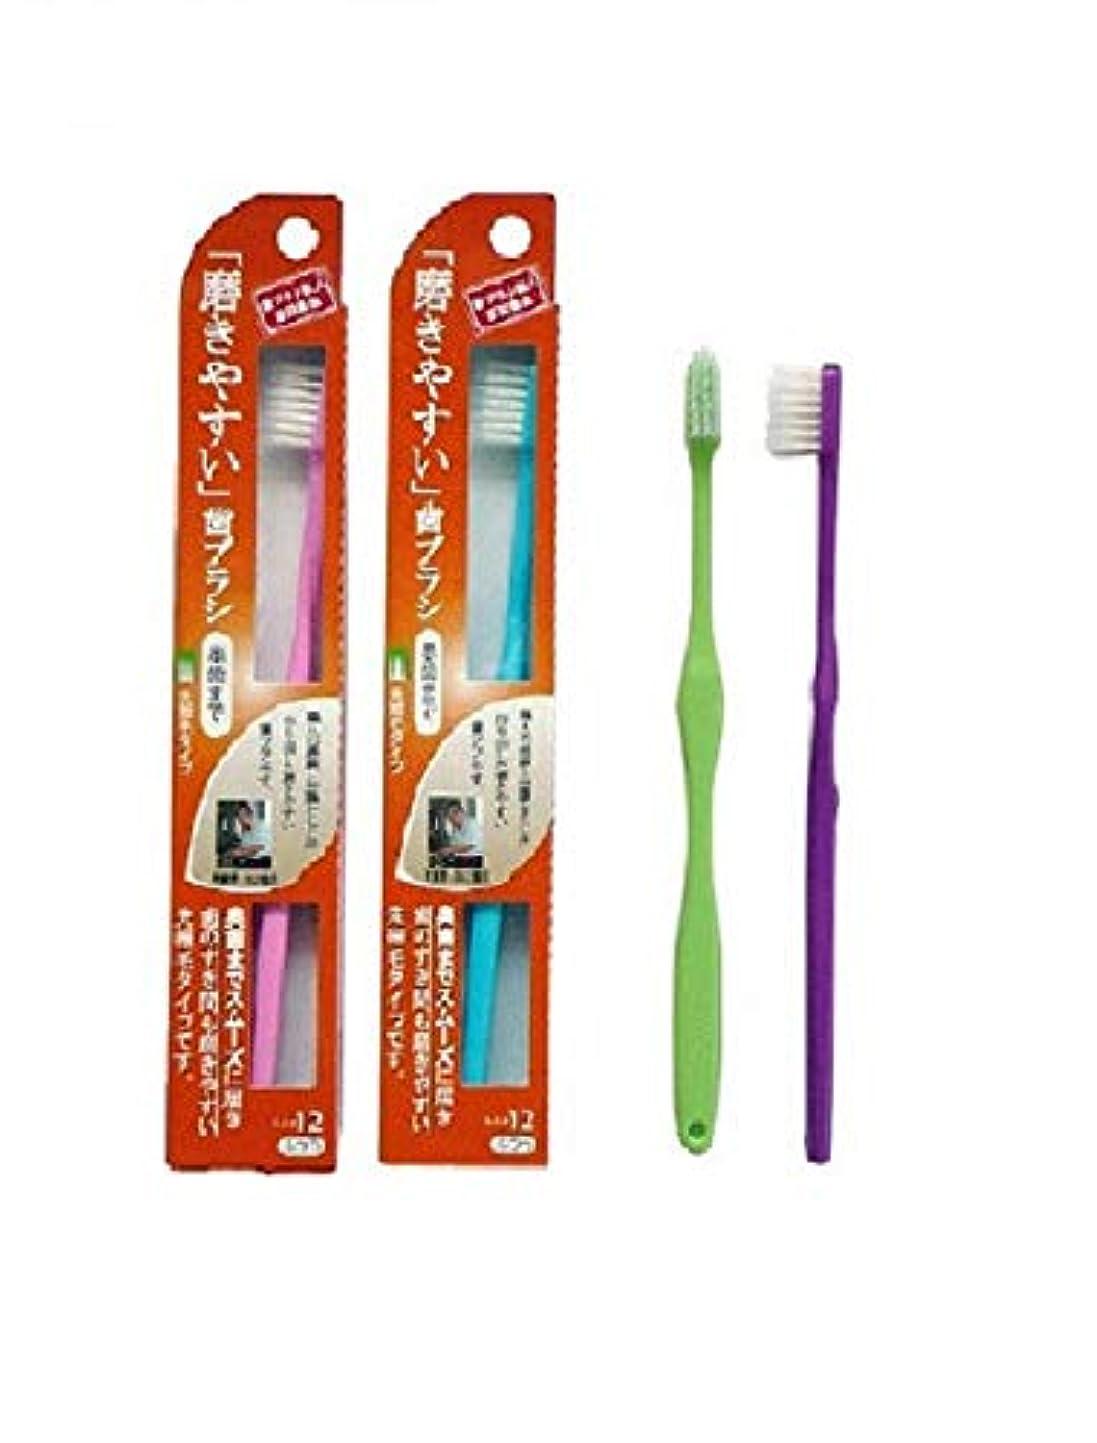 黒くする四暴露する【まとめ買い 600本セット】ライフレンジ 磨きやすい歯ブラシ(奥歯まで)先細毛タイプ LT-12